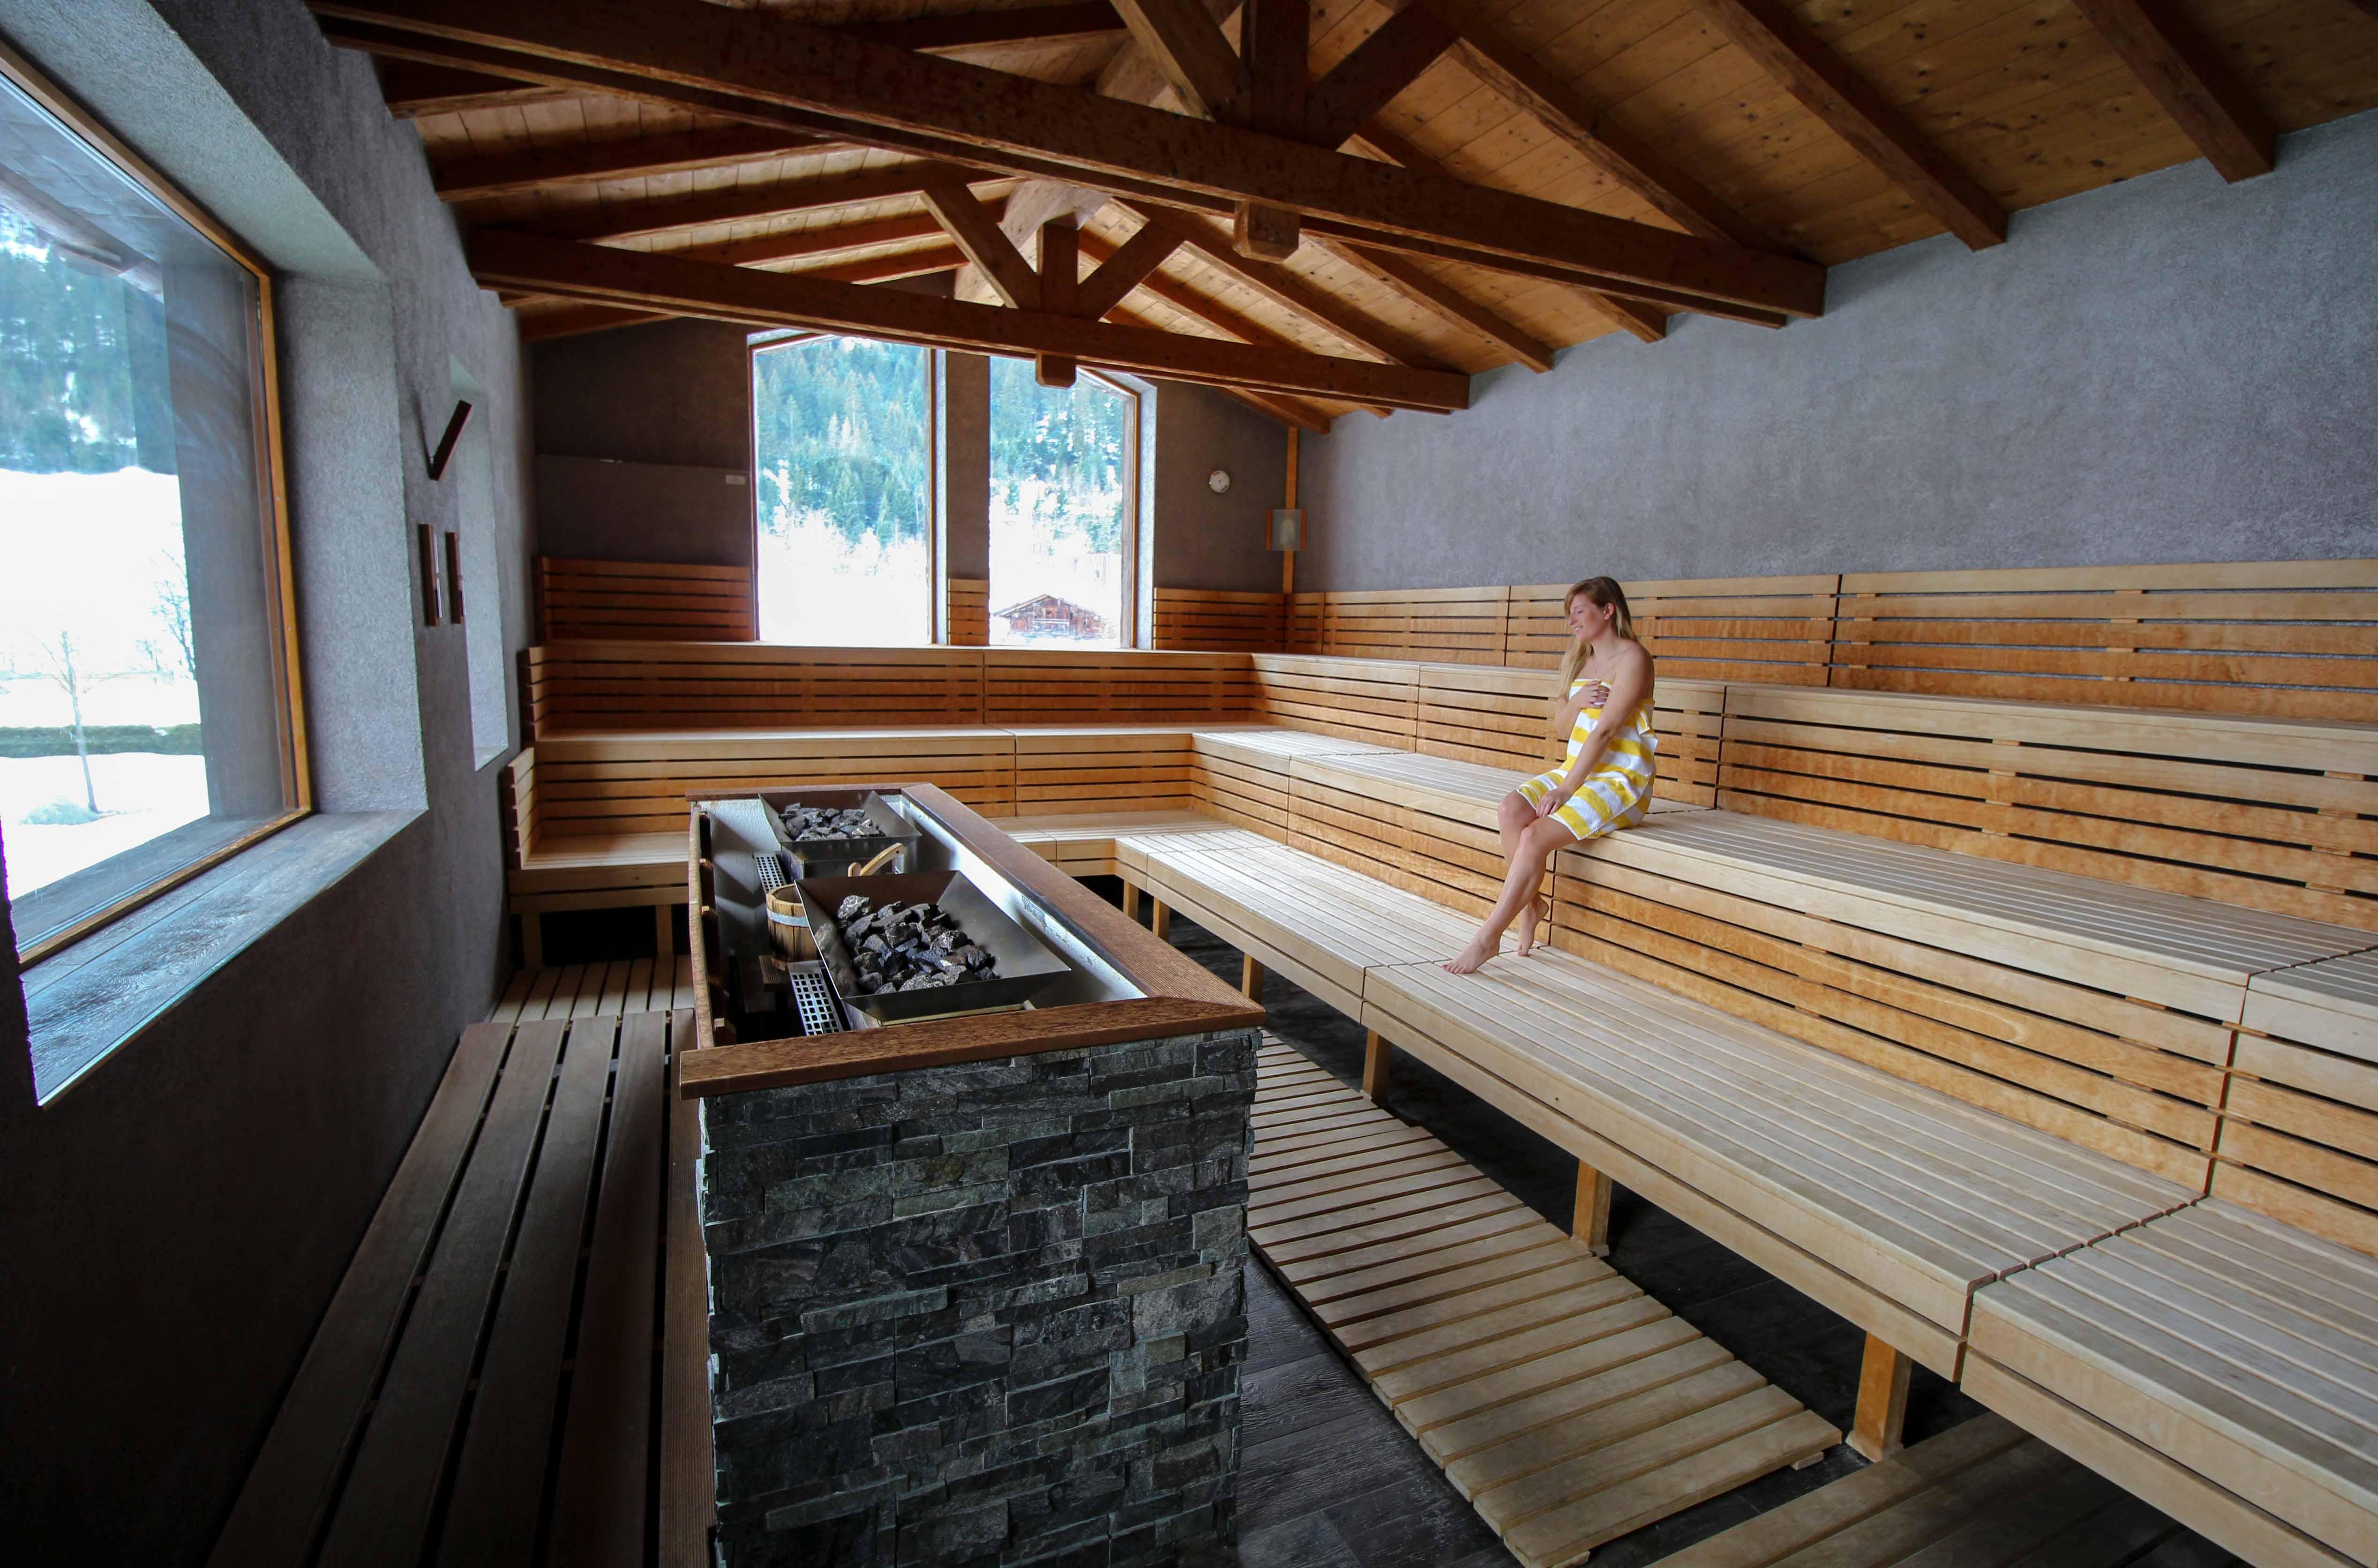 Südtirol Hotel Schneeberg Resort Spa Wellnessbereich Panoramasauna Erlebnissauna italien Wellnesshotel Reiseblog Wellnessurlaub Kurzurlaub Hotelempfehlung Skiurlaub 2